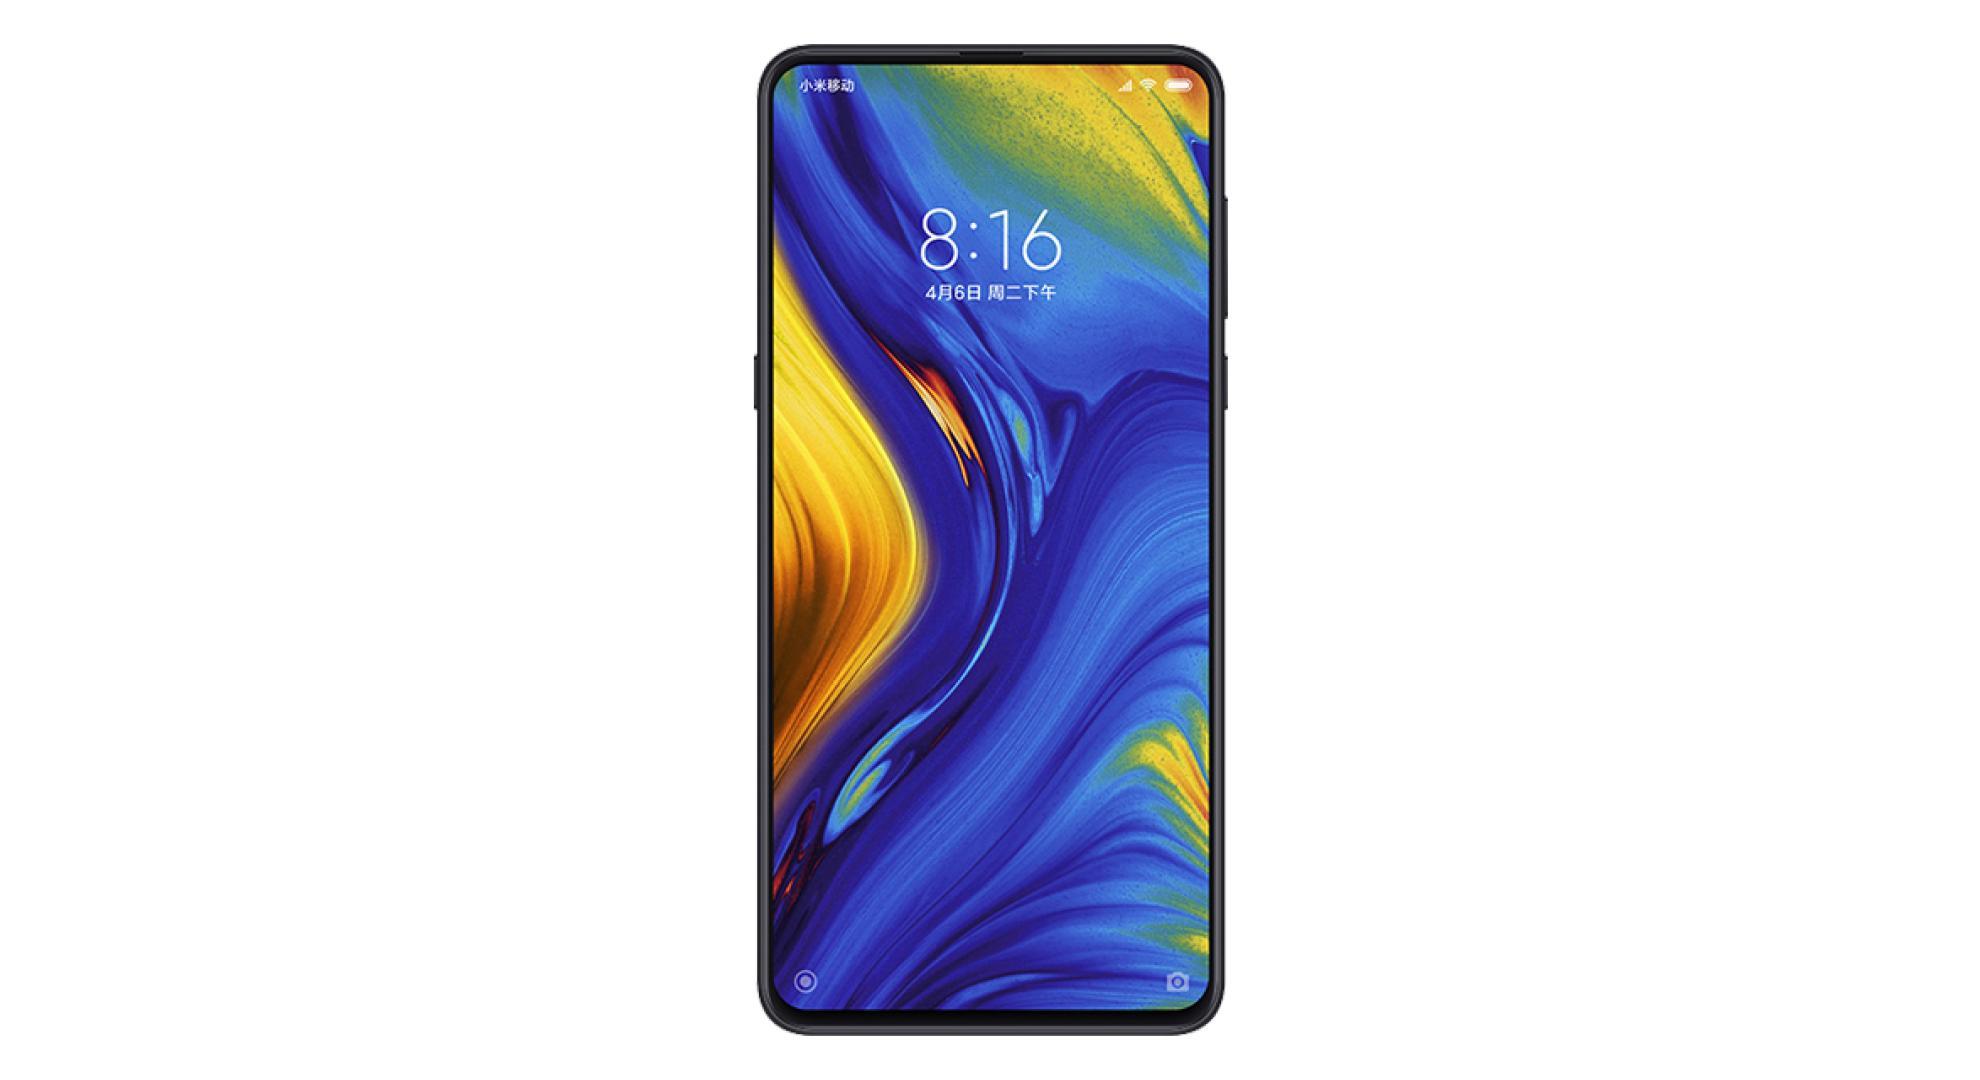 L'élégant Xiaomi Mi Mix 3 chute à 379 euros (au lieu de 529 euros à sa sortie)